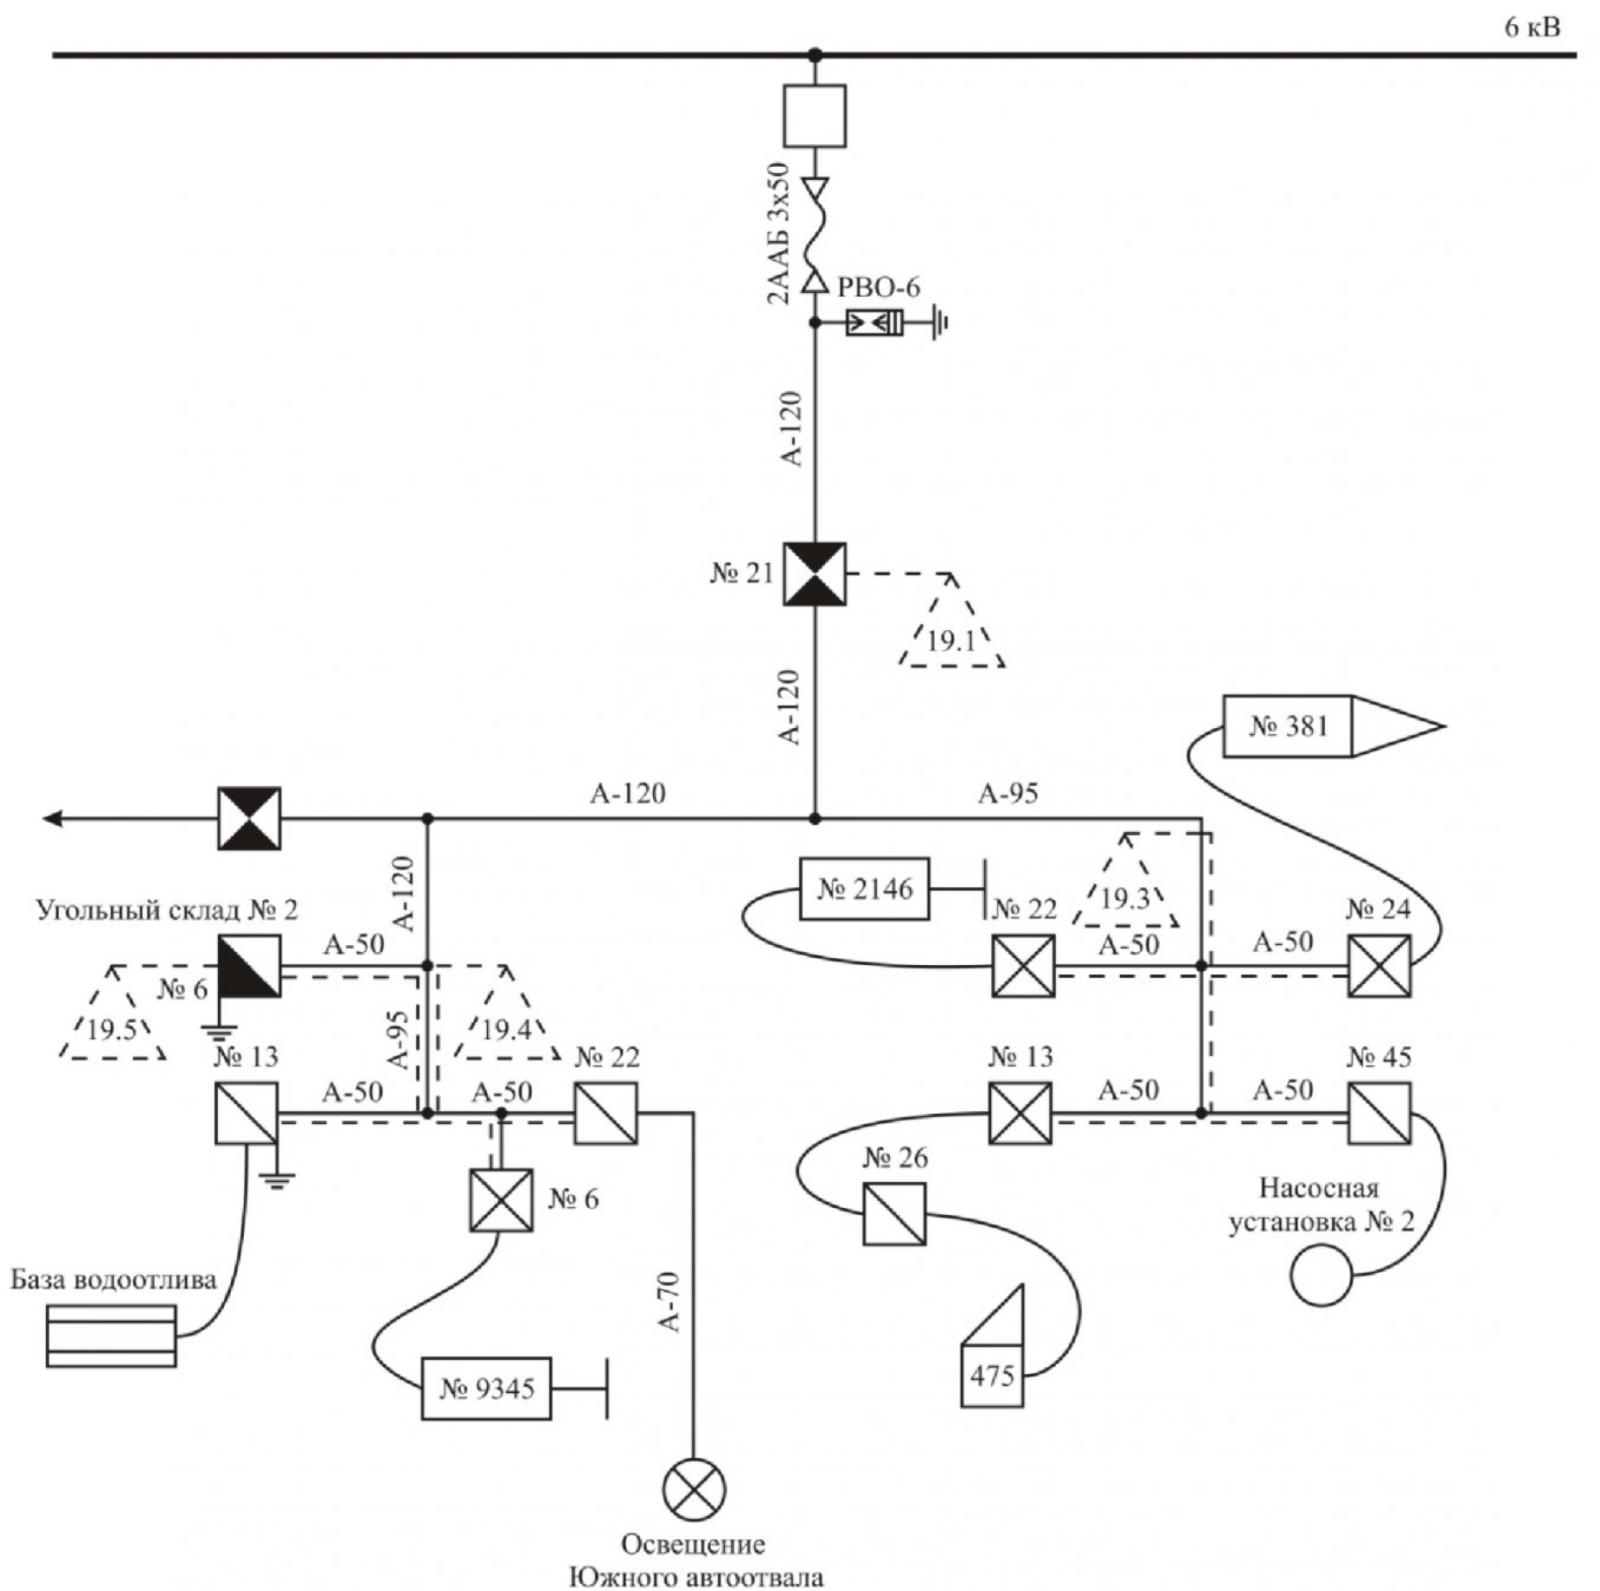 Рисунок 1 – Схема электроснабжения участка горных работ угольного разреза